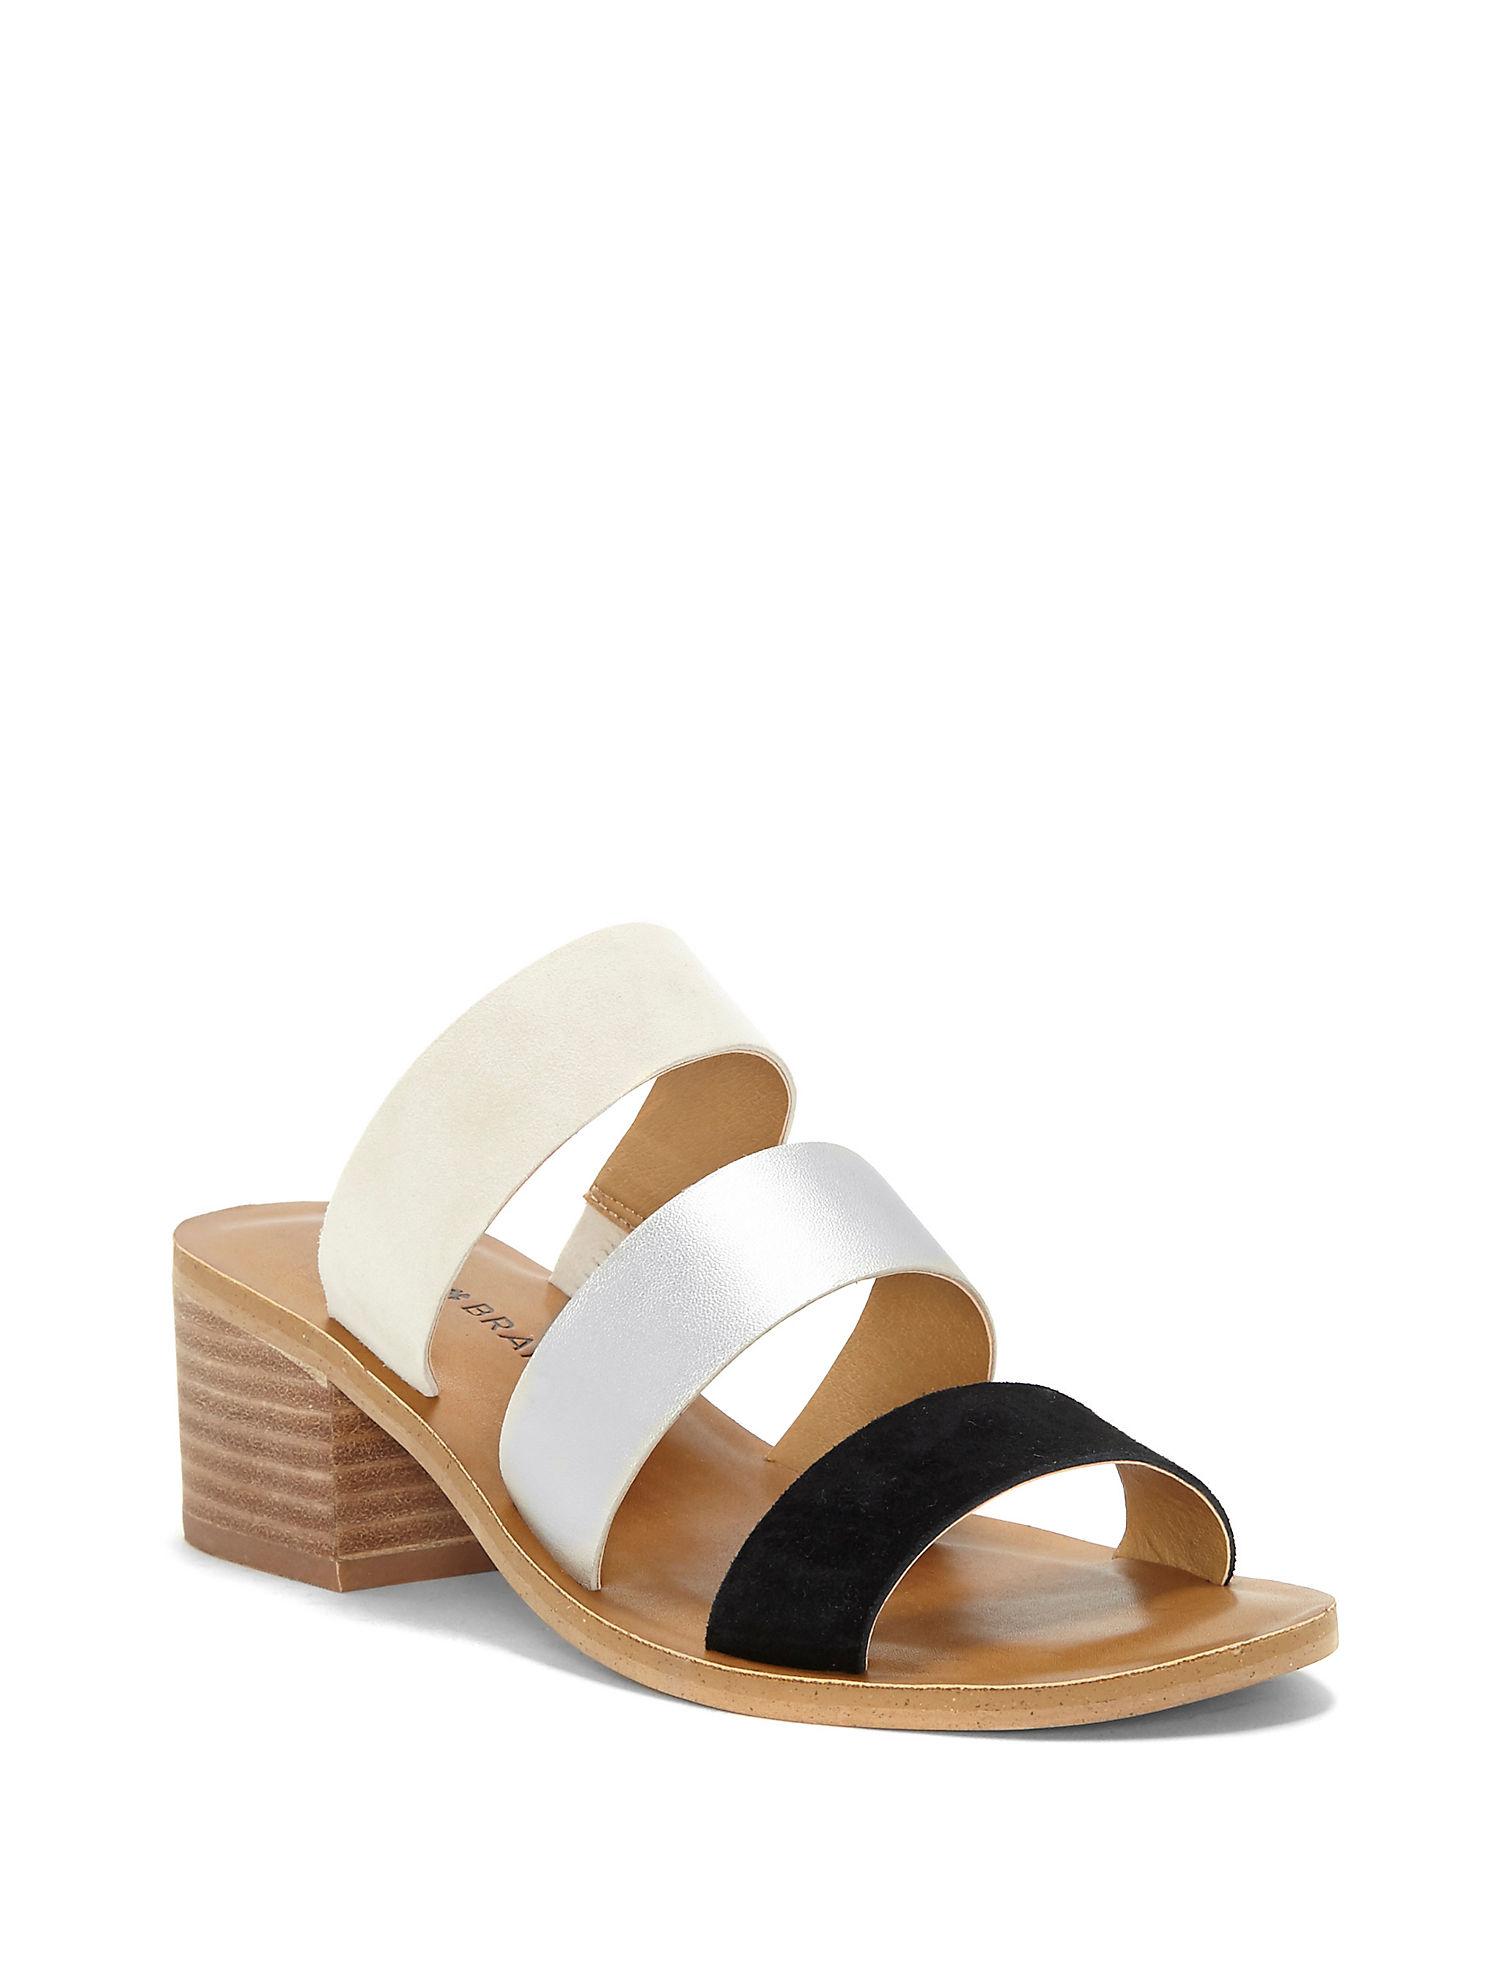 homme / femme est lucky brand rileigh sandale fashion fashion fashion a une longue réputation de beaucoup de variétés 02ae47